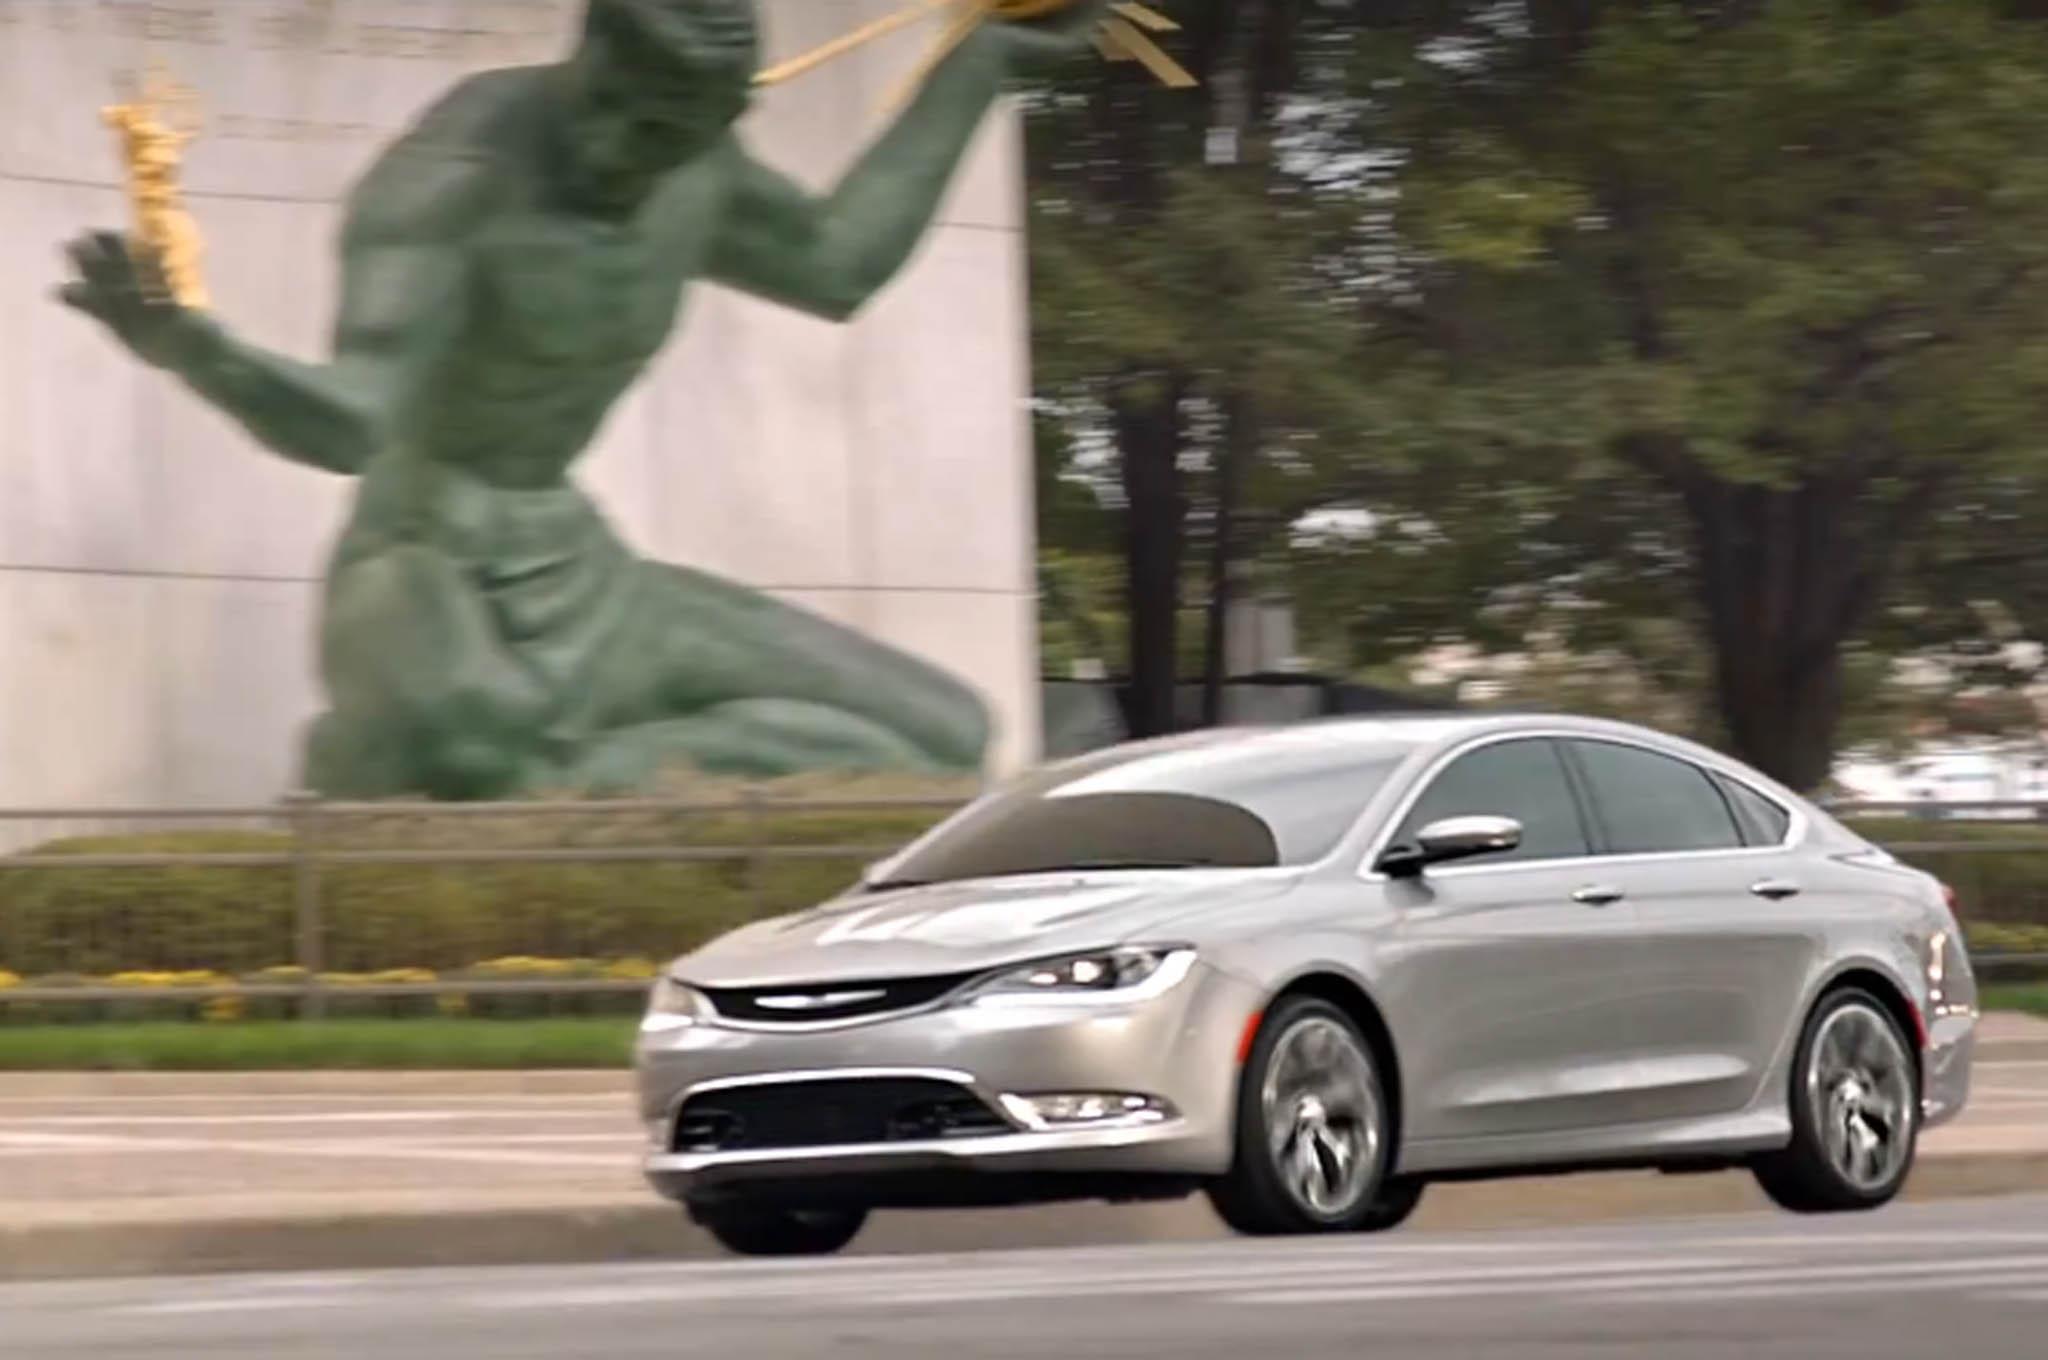 New 2015 Chrysler 200 Ads Take Aim At Japanese German Cars